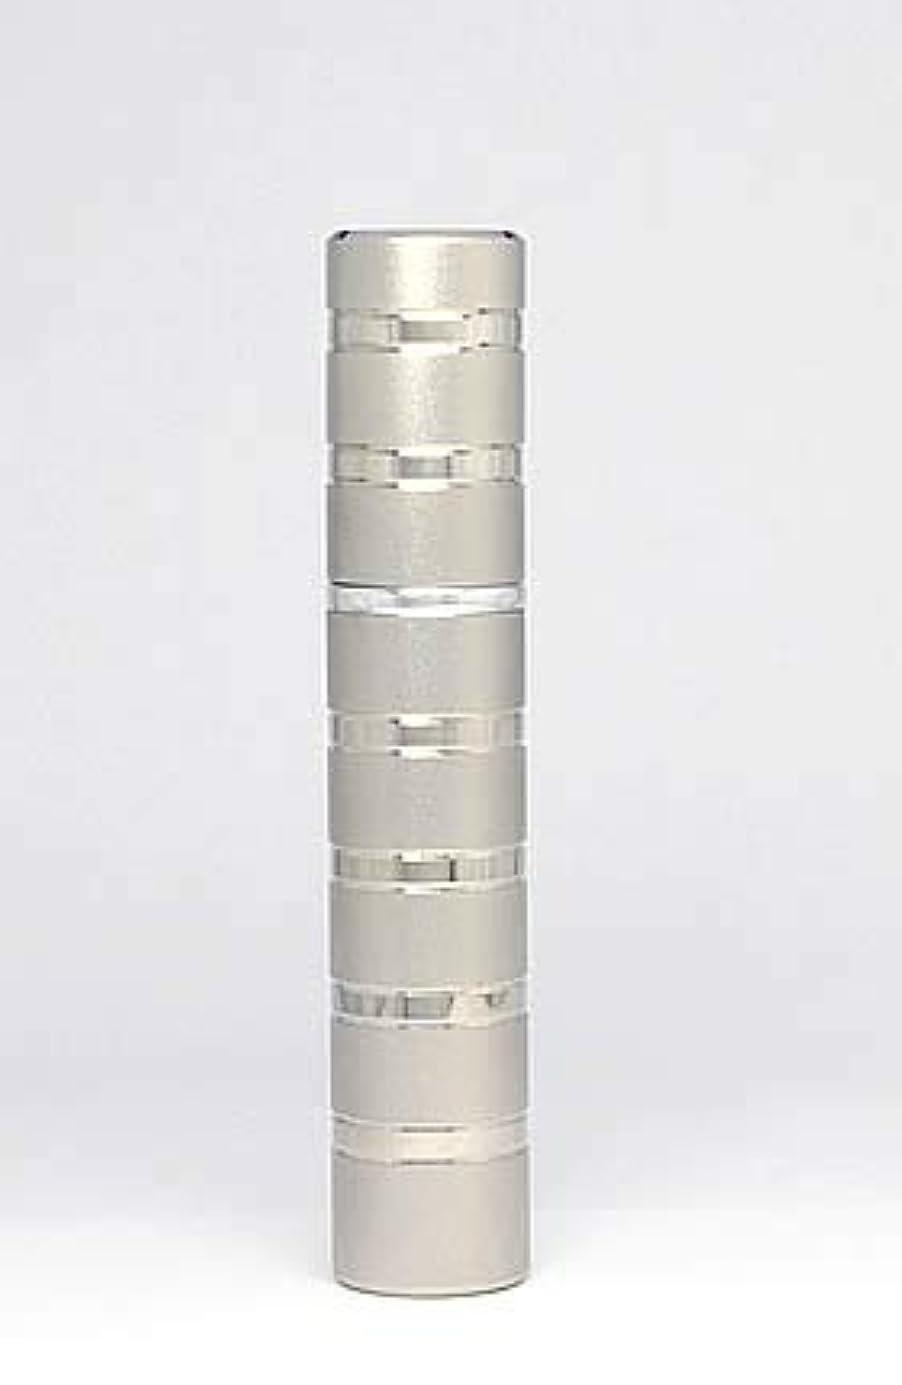 目の前のボタン名前パースメタルアトマイザーハンドワーク リングダイヤカット ロジウム